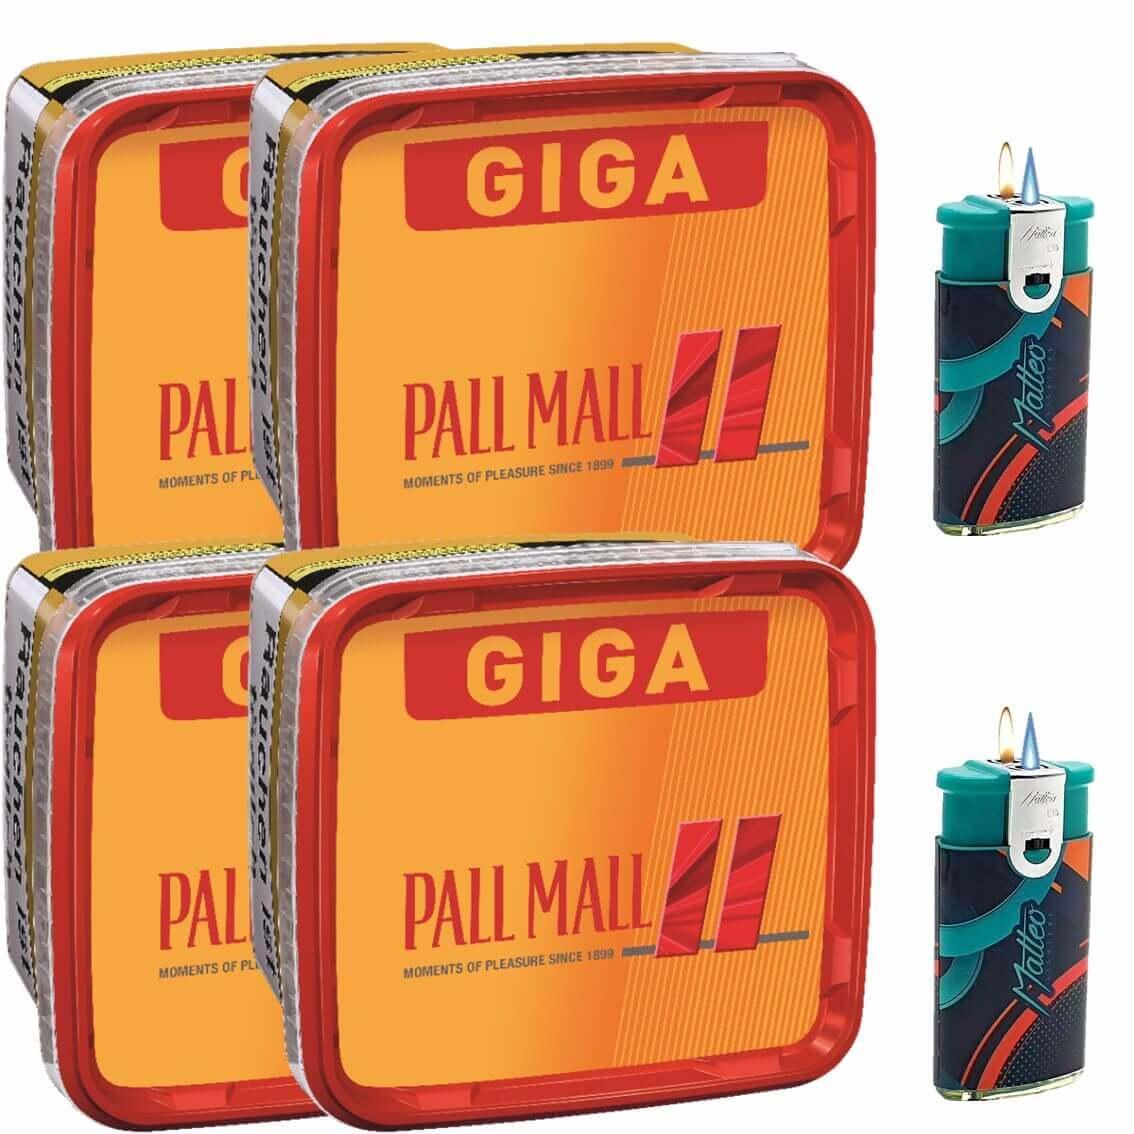 Pall Mall Giga Box 4 x 280g Volumentabak 2 x Duo Feuerzeuge mit 2 Flammen